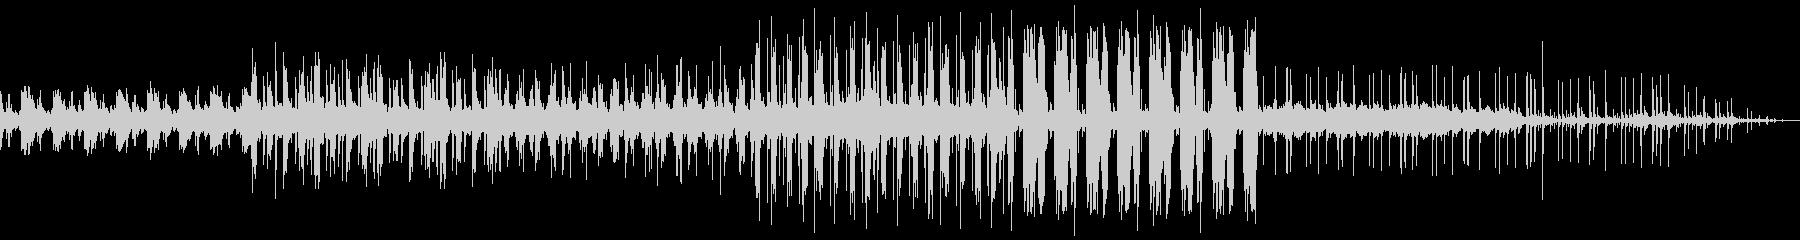 ピアノの旋律が独特な切ないバラードの未再生の波形